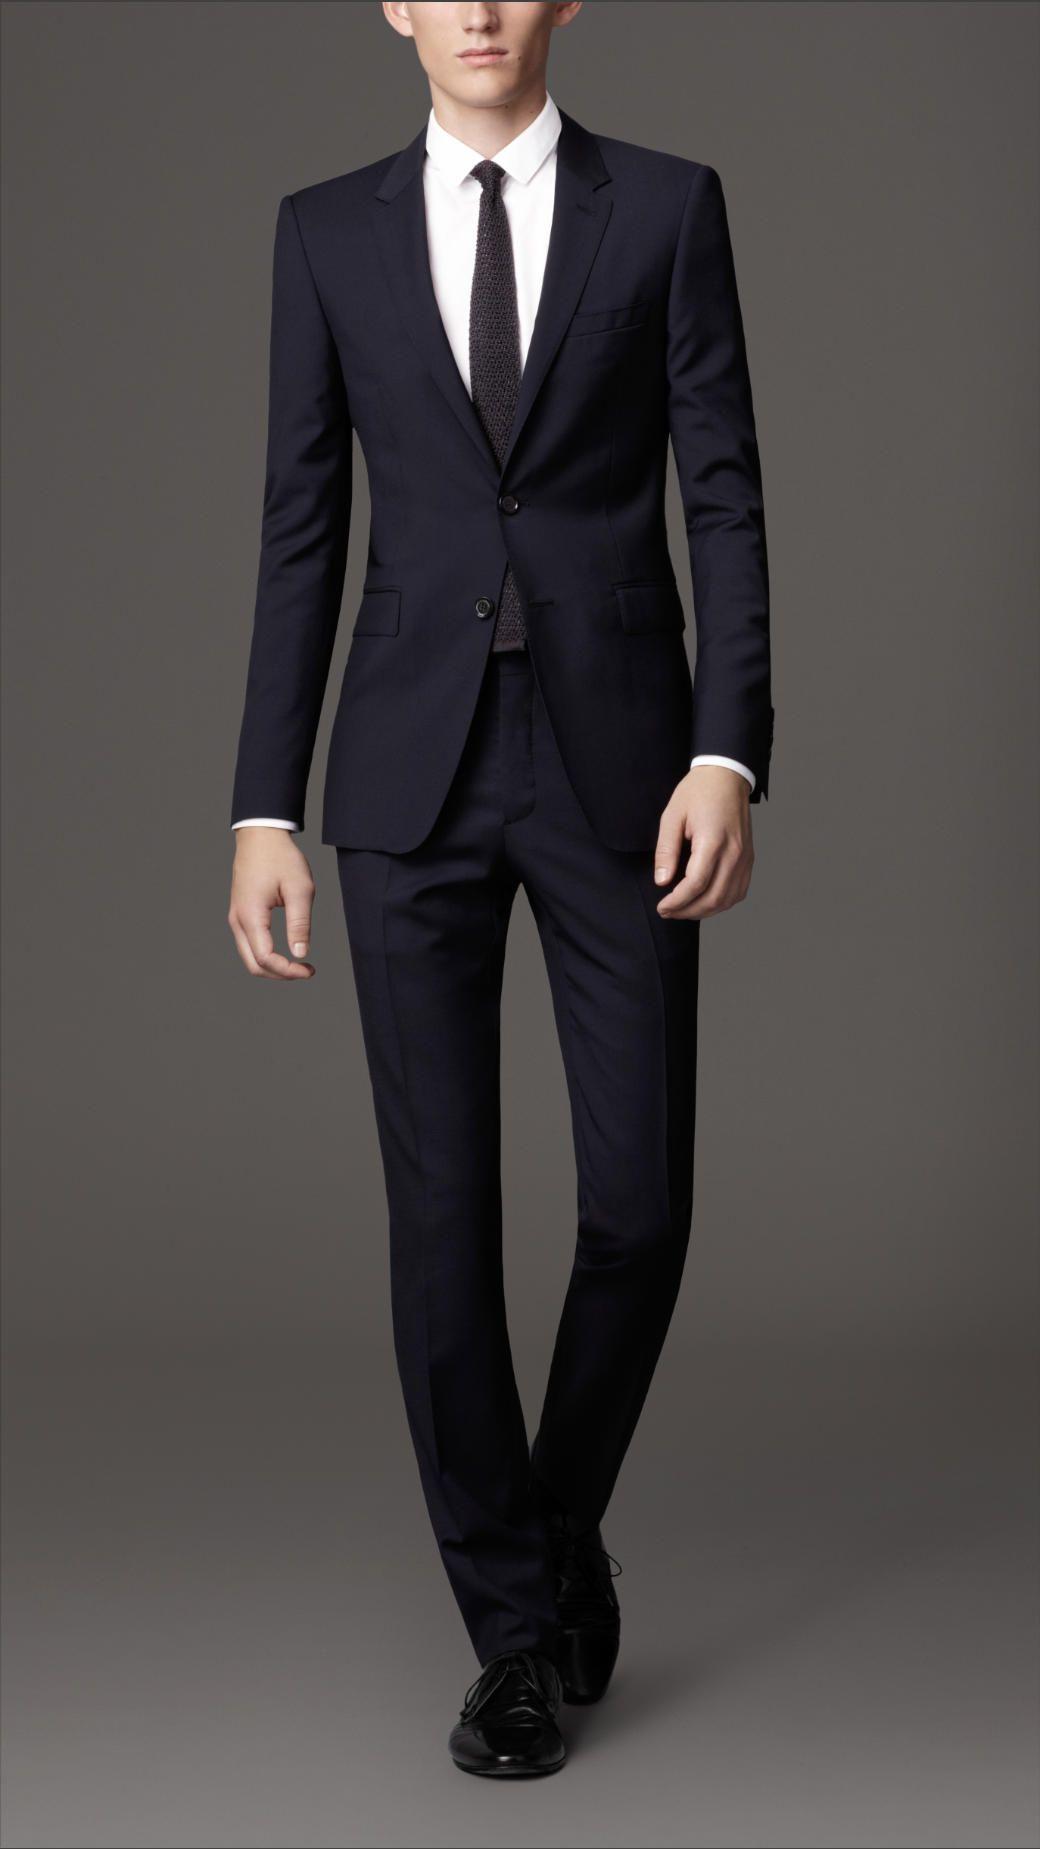 Slim Fit Virgin Wool Suit | Burberry | MEN'S FASHION | Pinterest ...